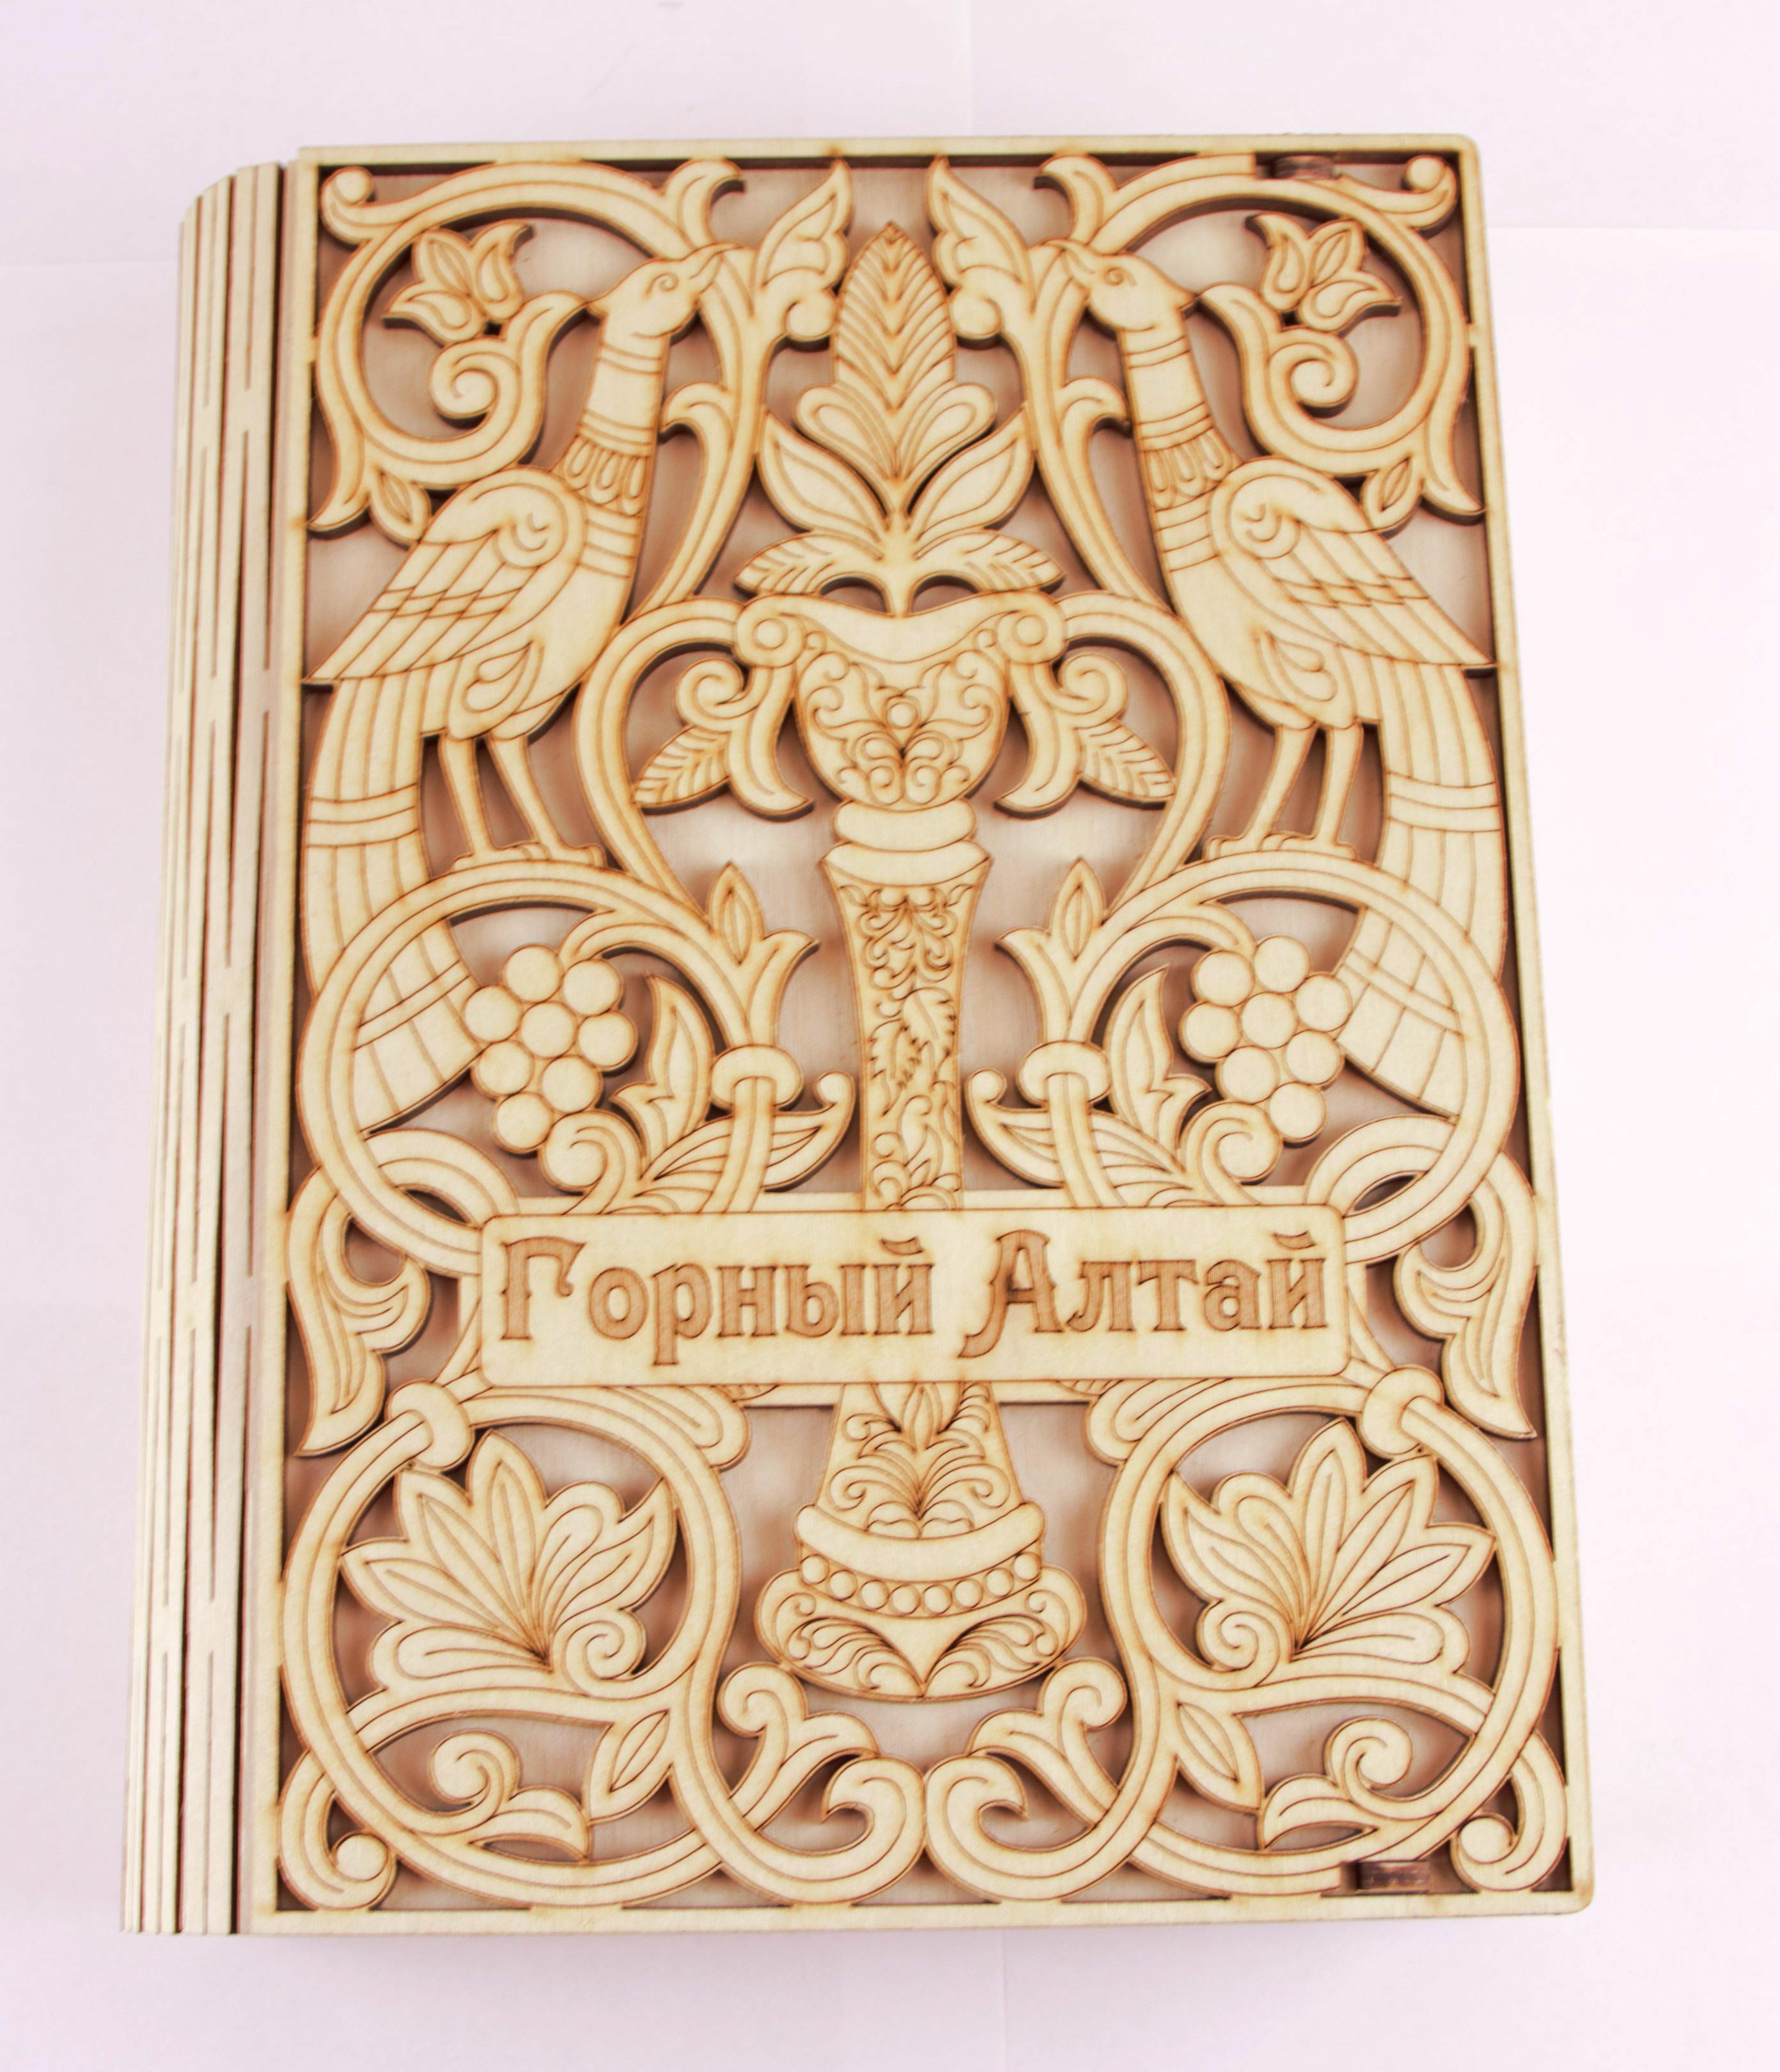 Шкатулка KEDROK Книга-Горный Алтай, кедр, светло-коричневый туризм горный алтай